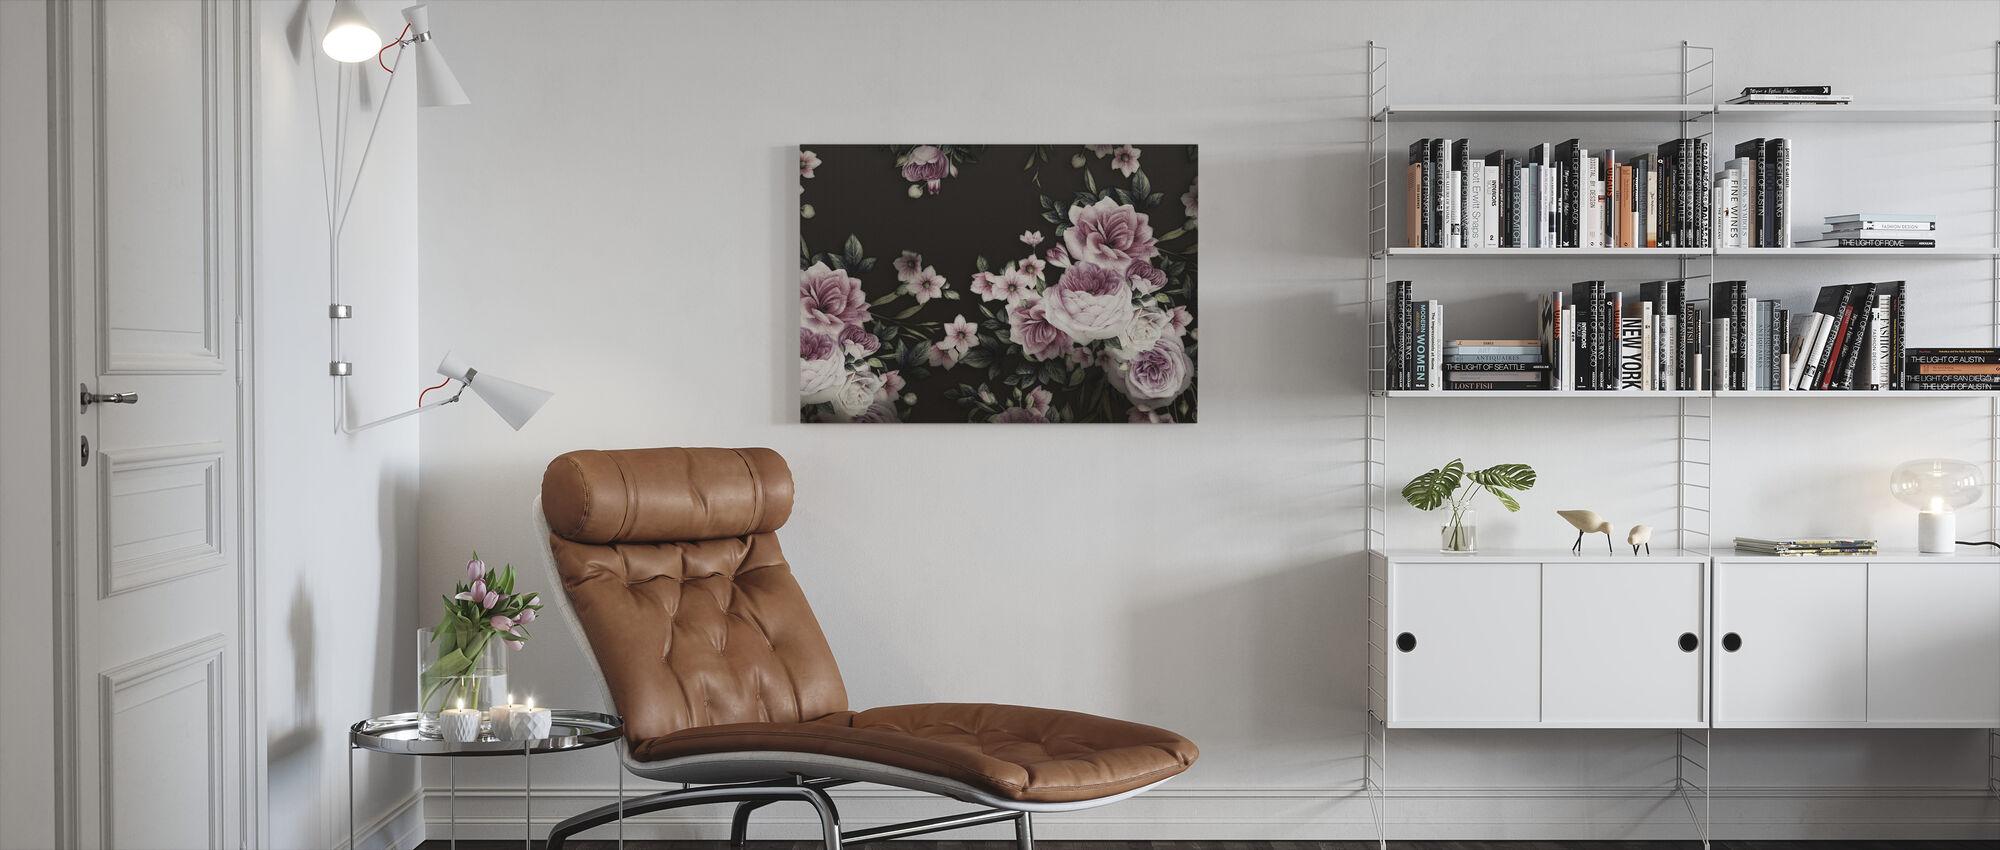 Vaaleanpunaiset ruusut mustalla taustalla - Canvastaulu - Olohuone